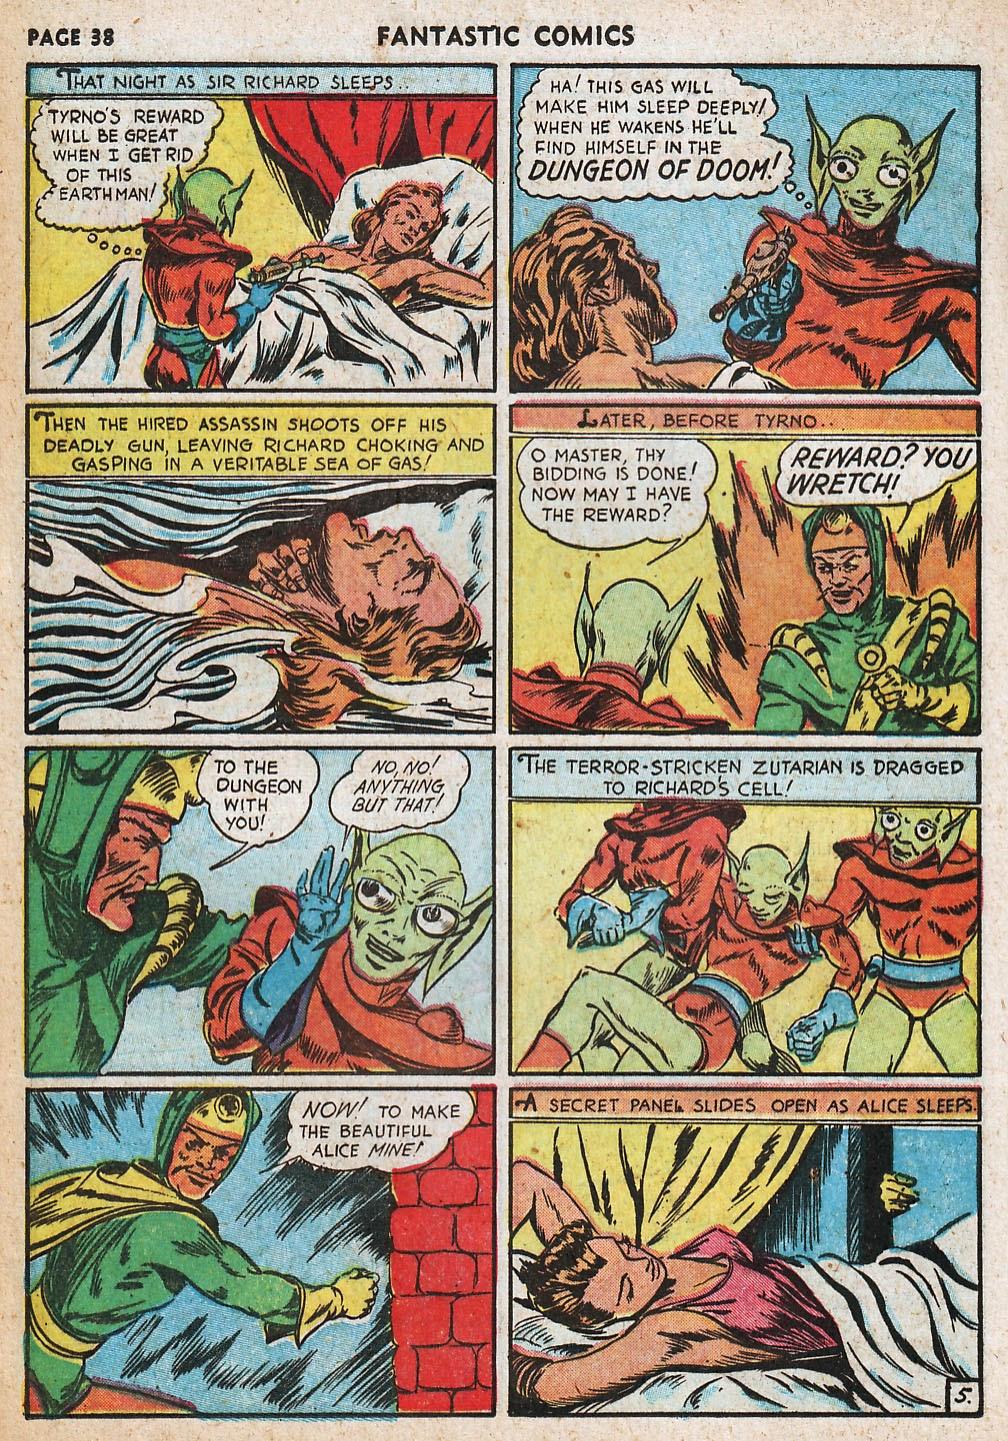 Read online Fantastic Comics comic -  Issue #20 - 38